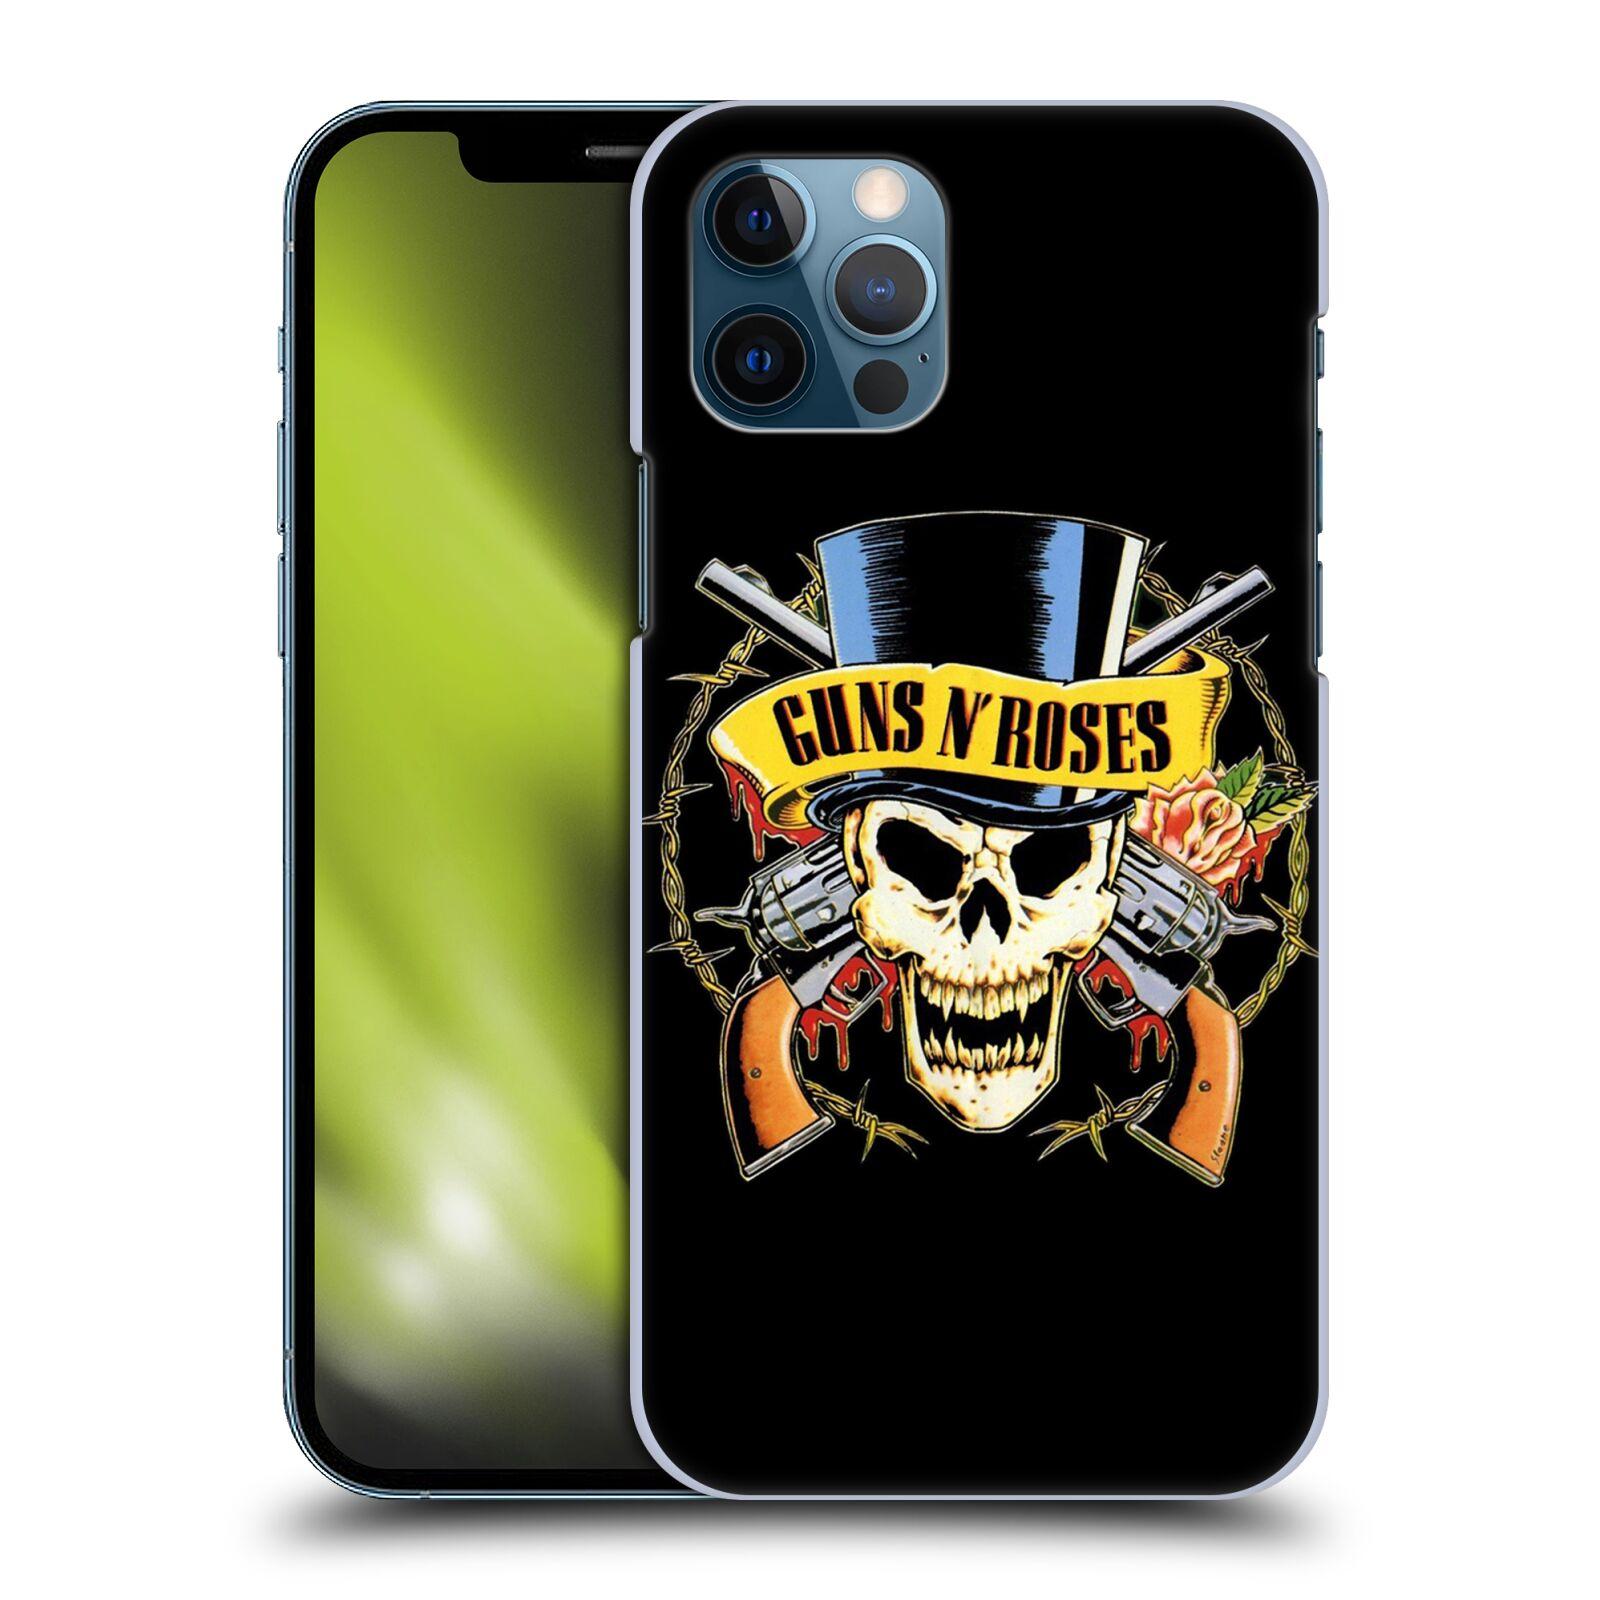 Plastové pouzdro na mobil Apple iPhone 12 / 12 Pro - Head Case - Guns N' Roses - Lebka